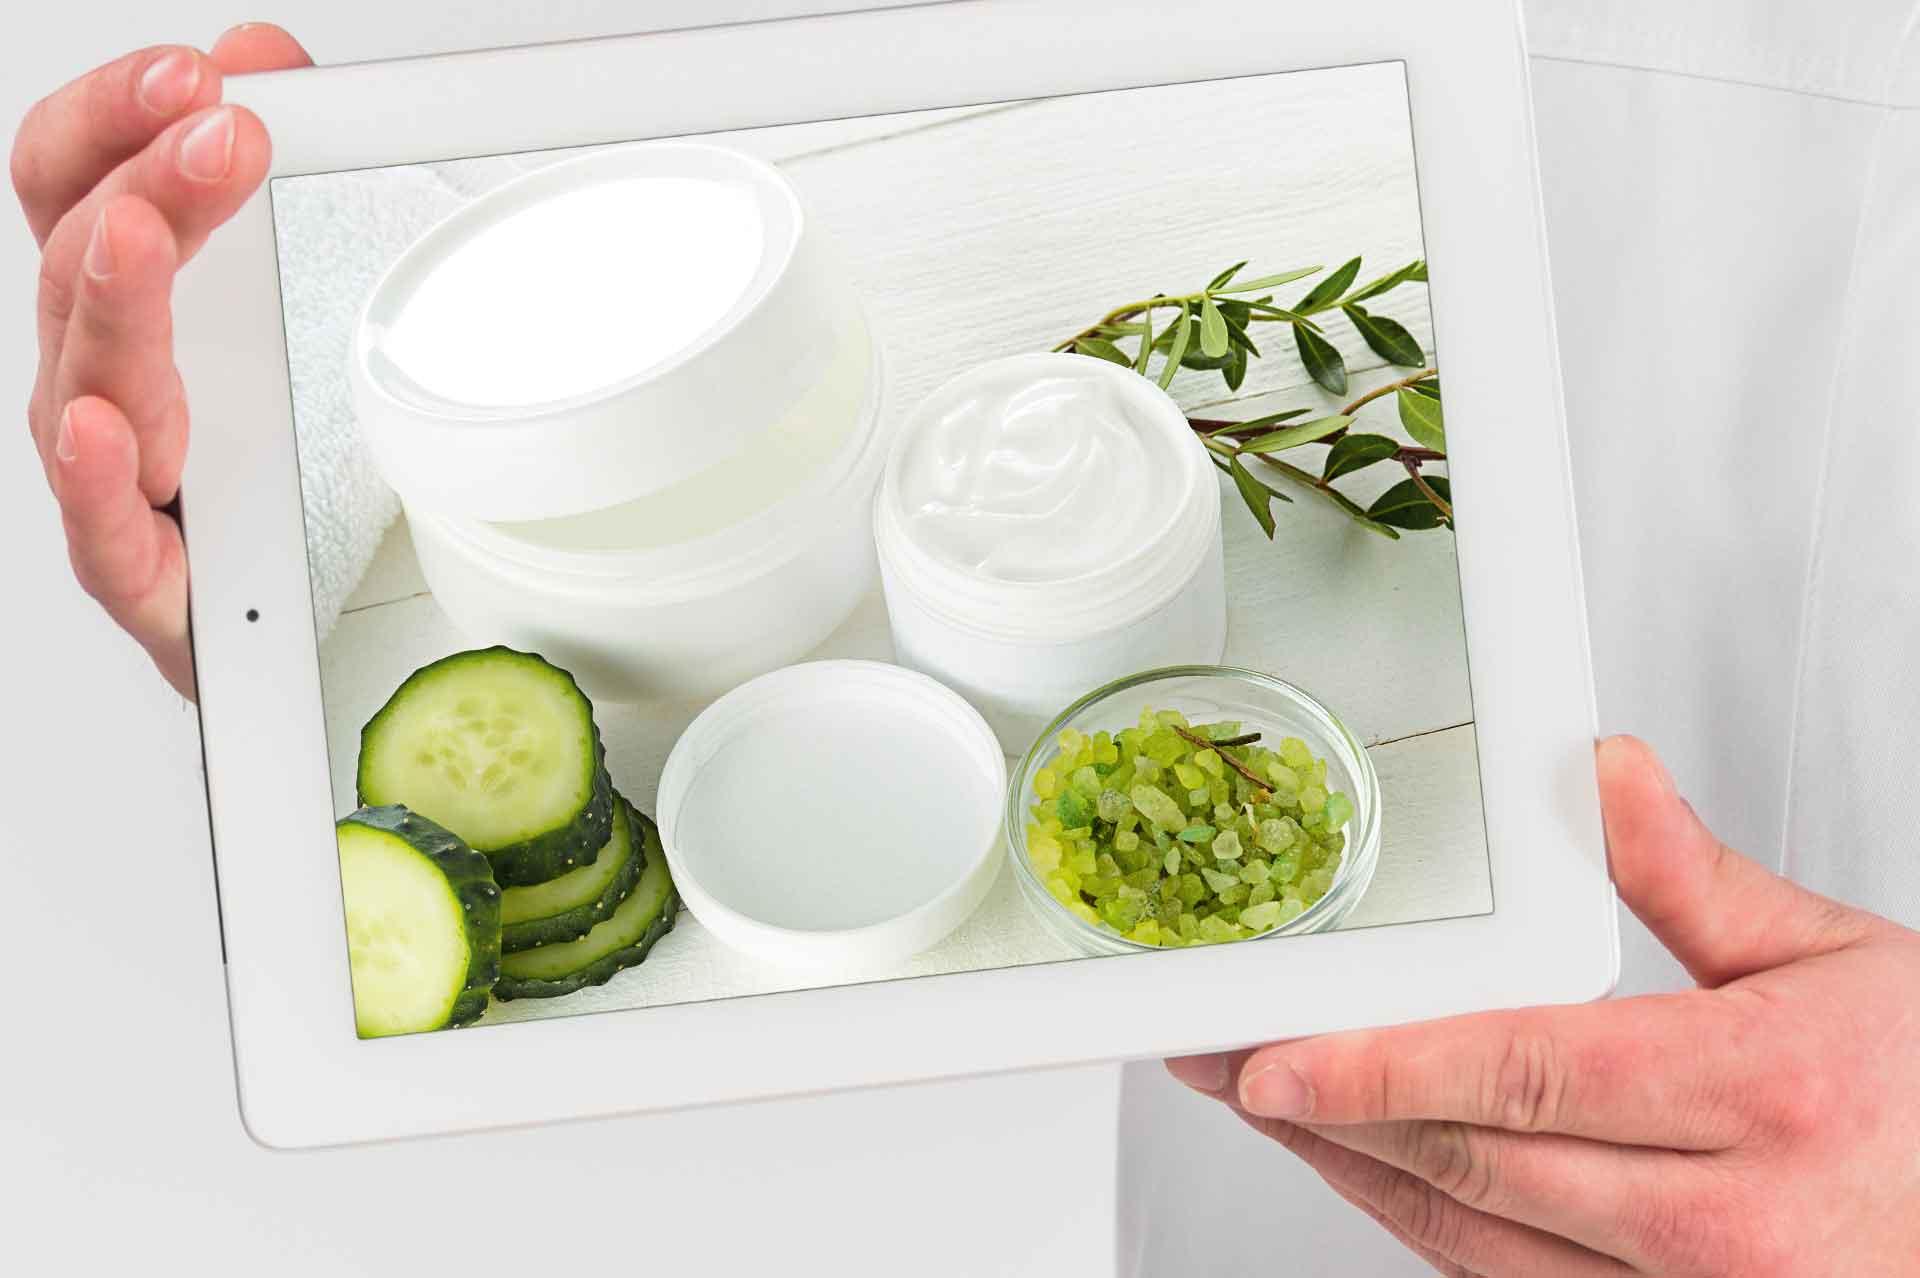 Trámite de notificaciones sanitarias cosméticos, alimentos, y productos aseo, Higiene y limpieza